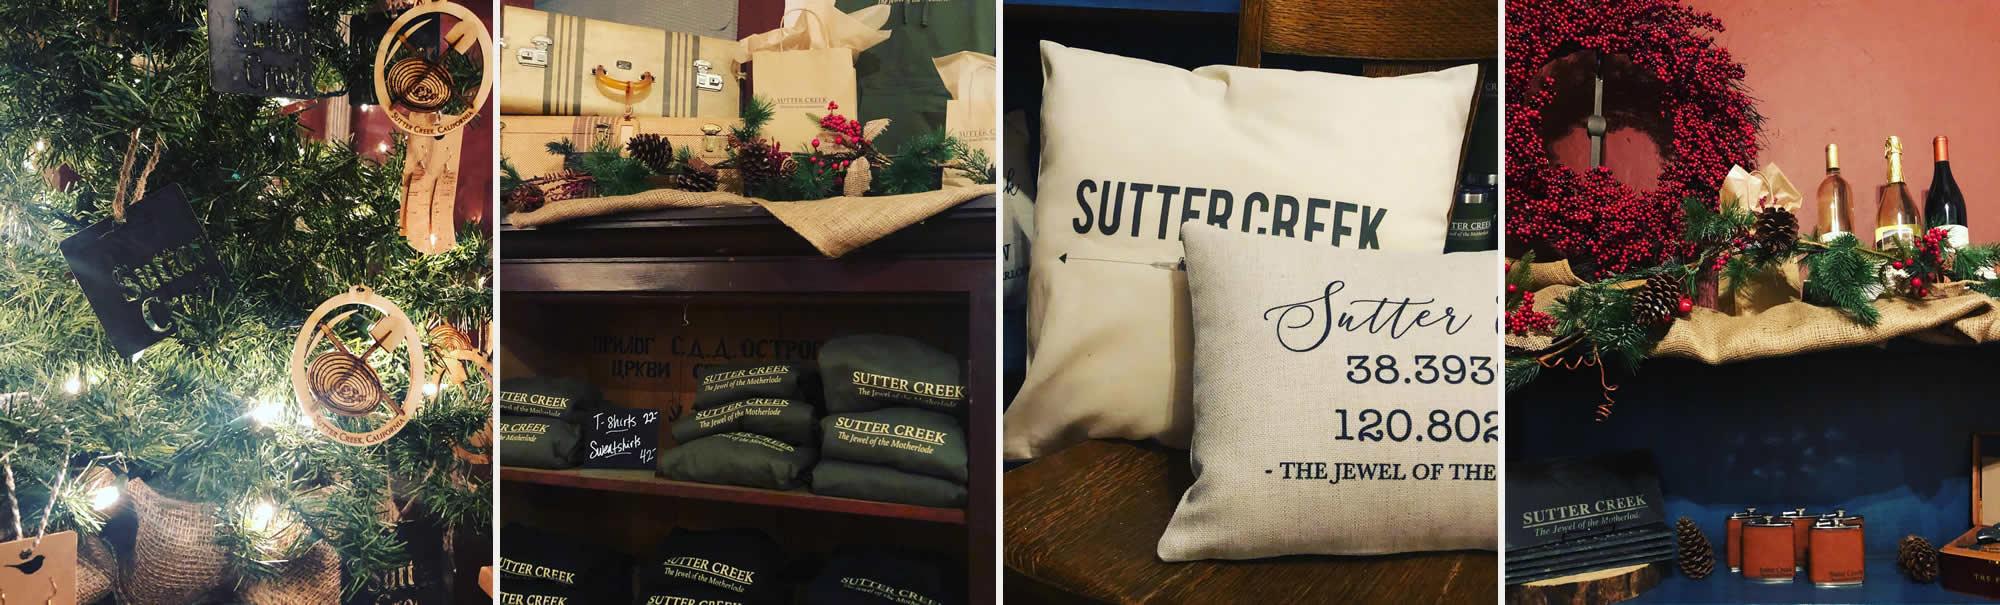 sutter creek gift shop